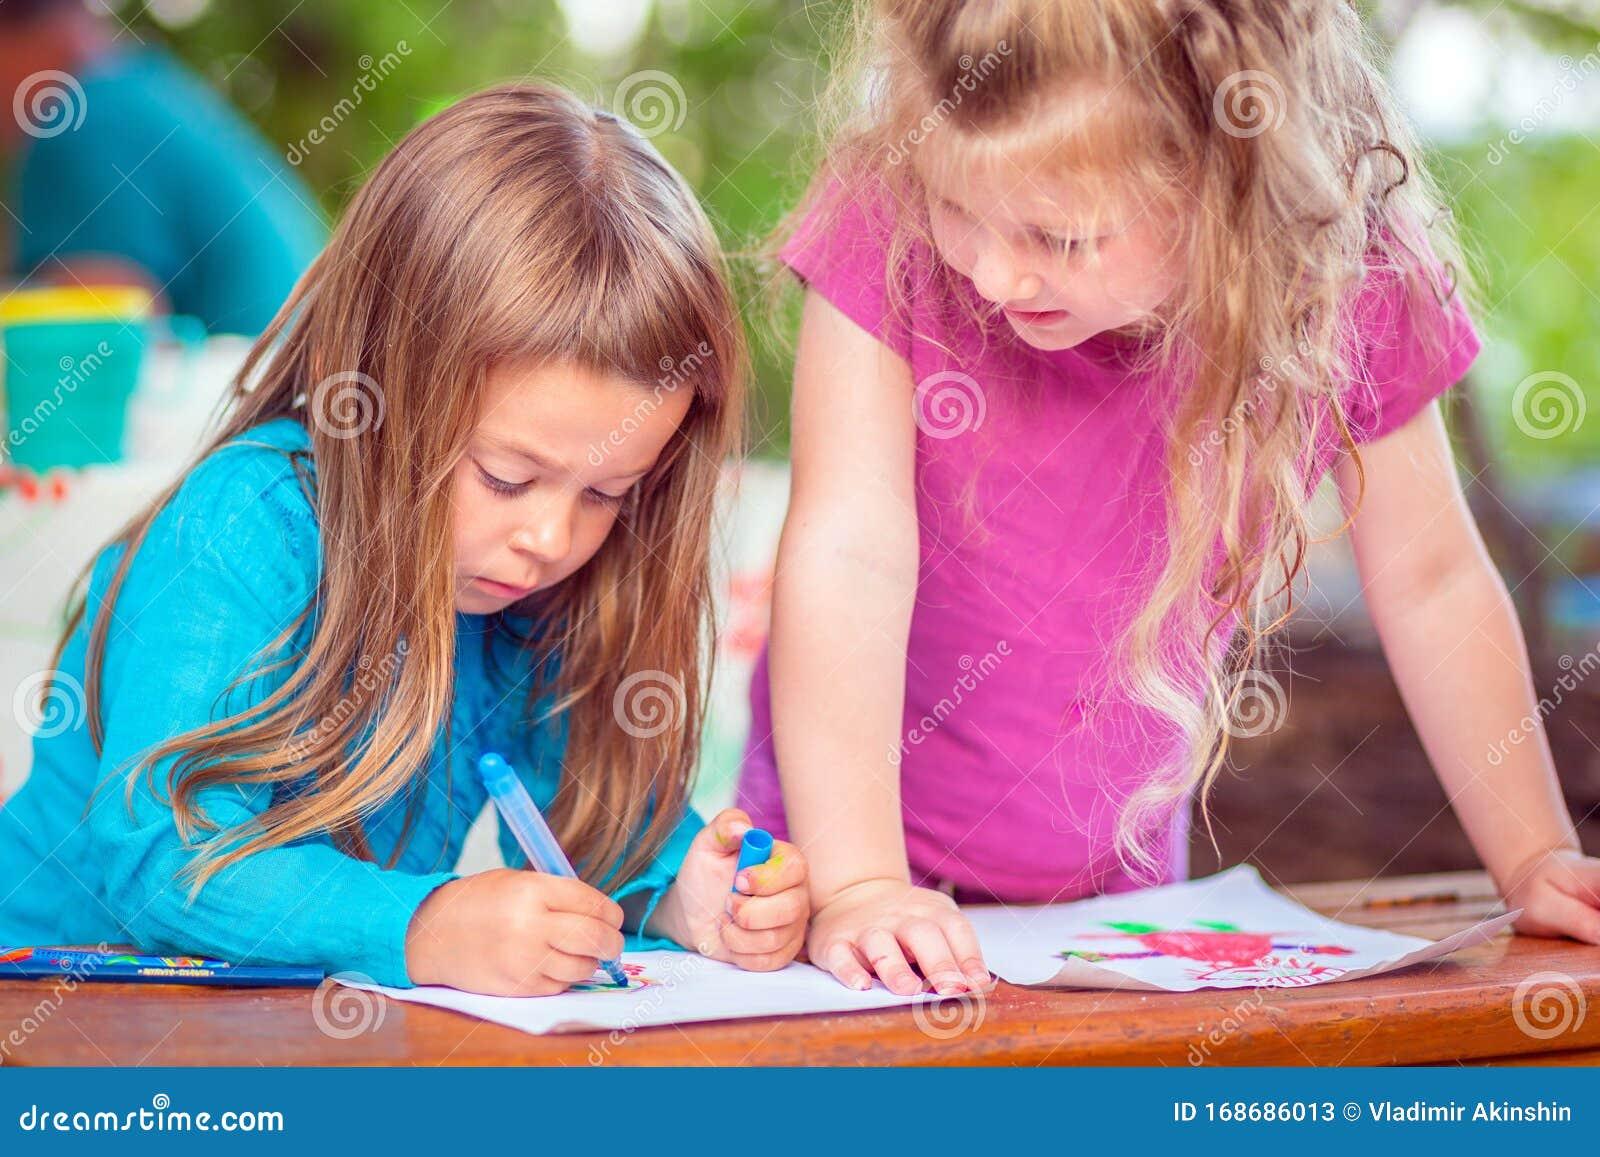 Mädchen bilder malen schöne Bleistift Schöne